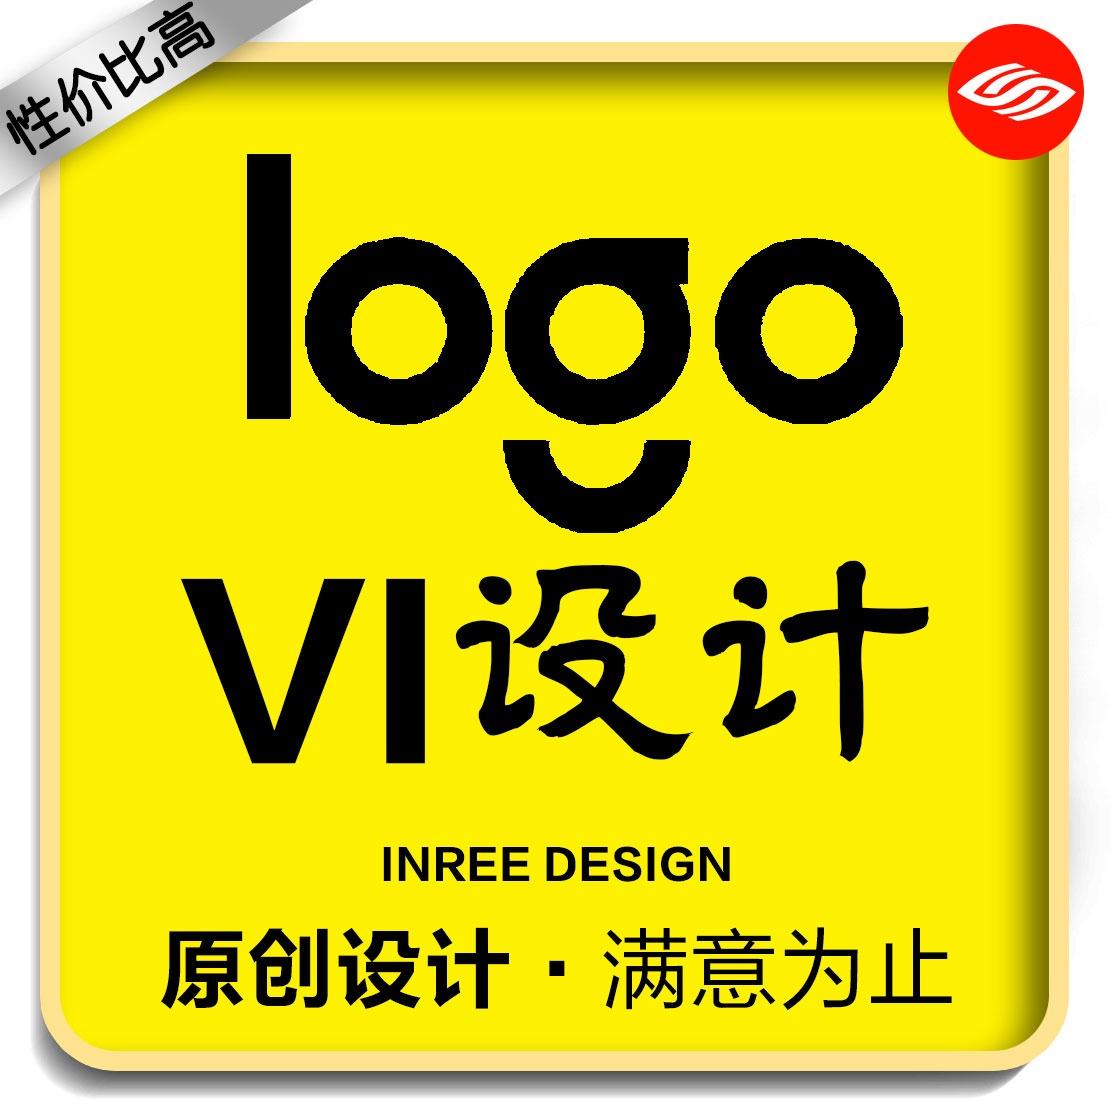 引力餐饮酒店 LOGO/ VI金融LOGO/ VI 门店VI